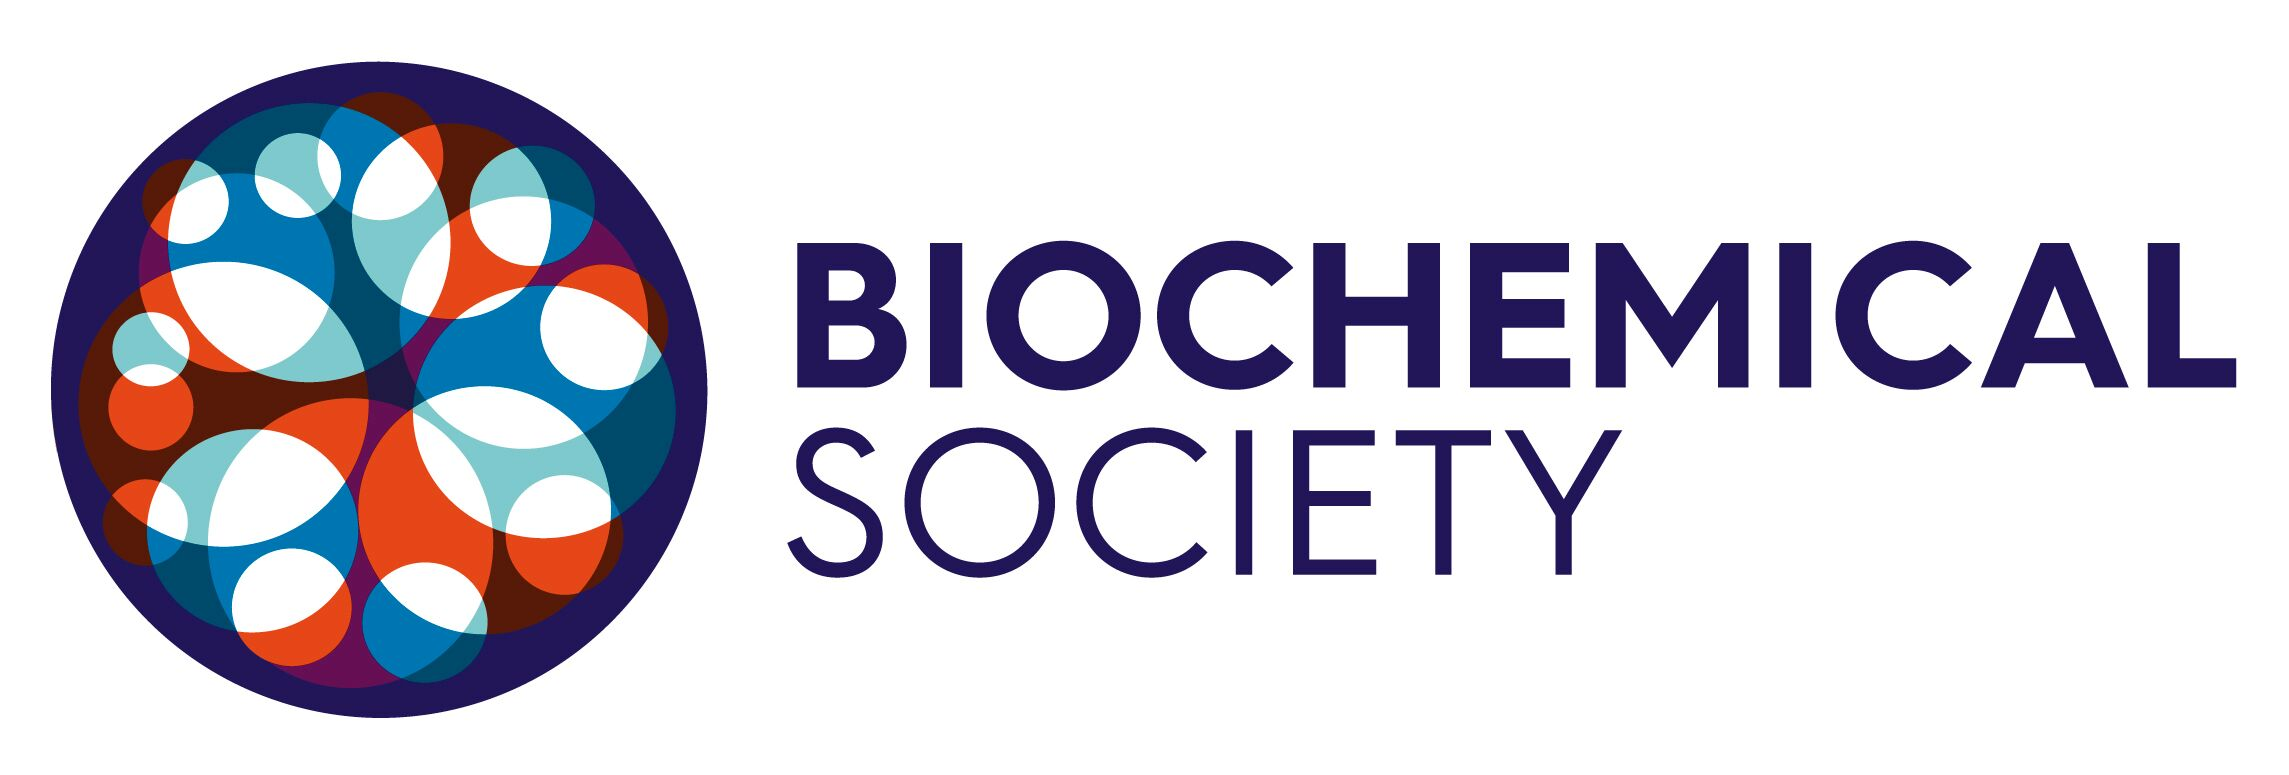 Biochemical Society logo.jpg